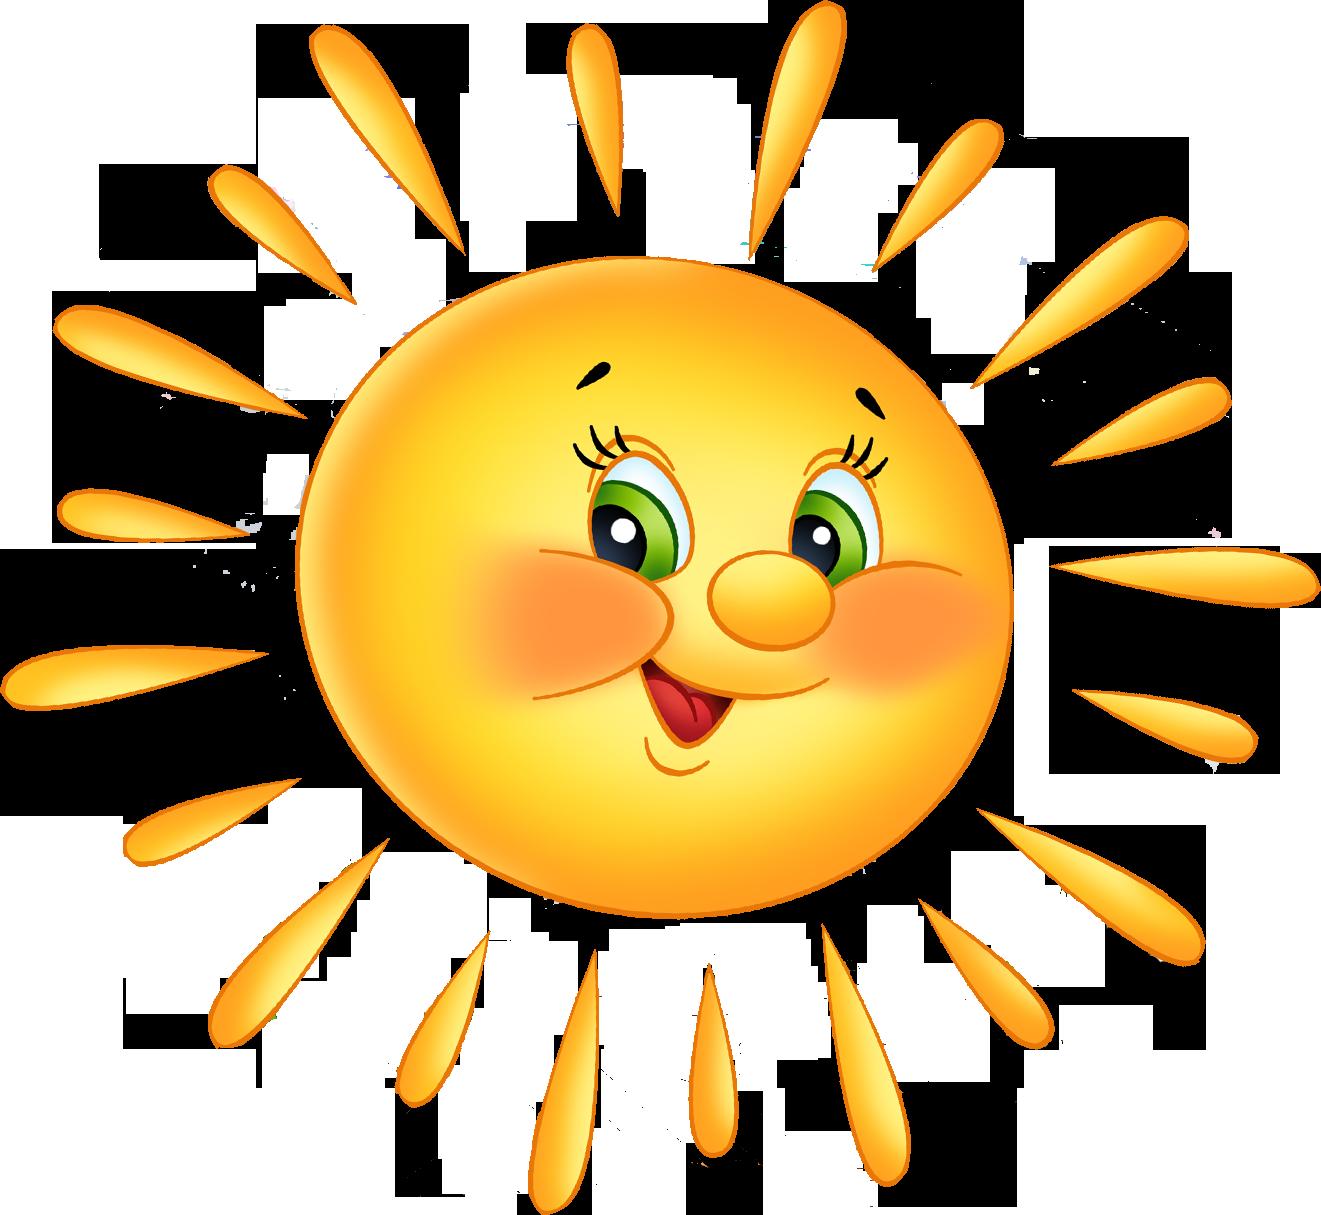 картинка я сонячний непотопляемость отвечает кормовой